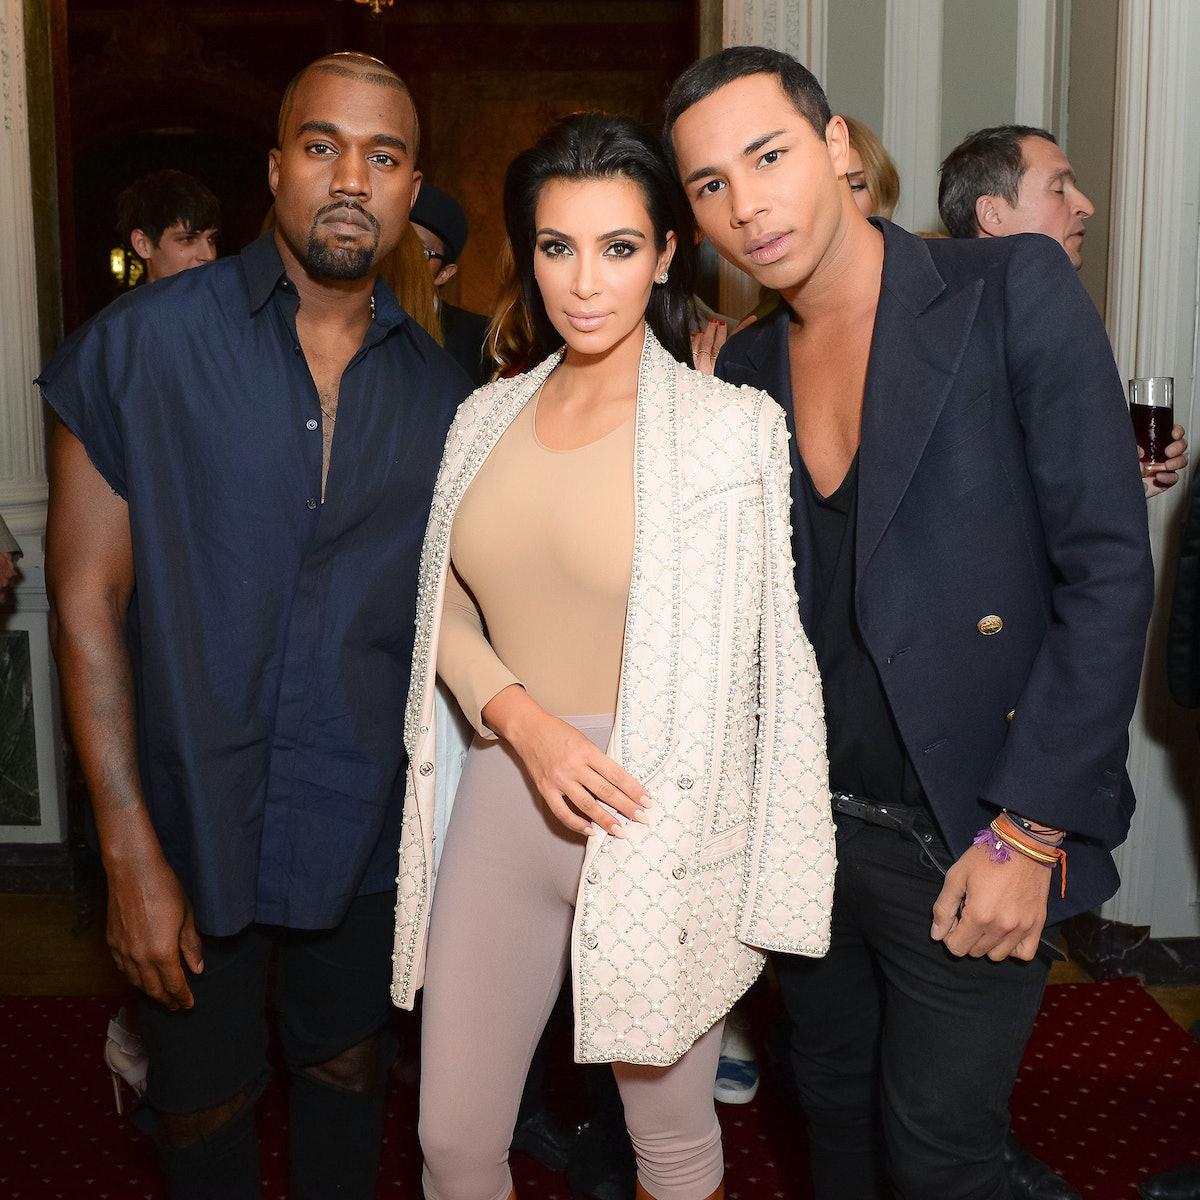 Kanye West, Kim Kardashian, and Olivier Rousteing